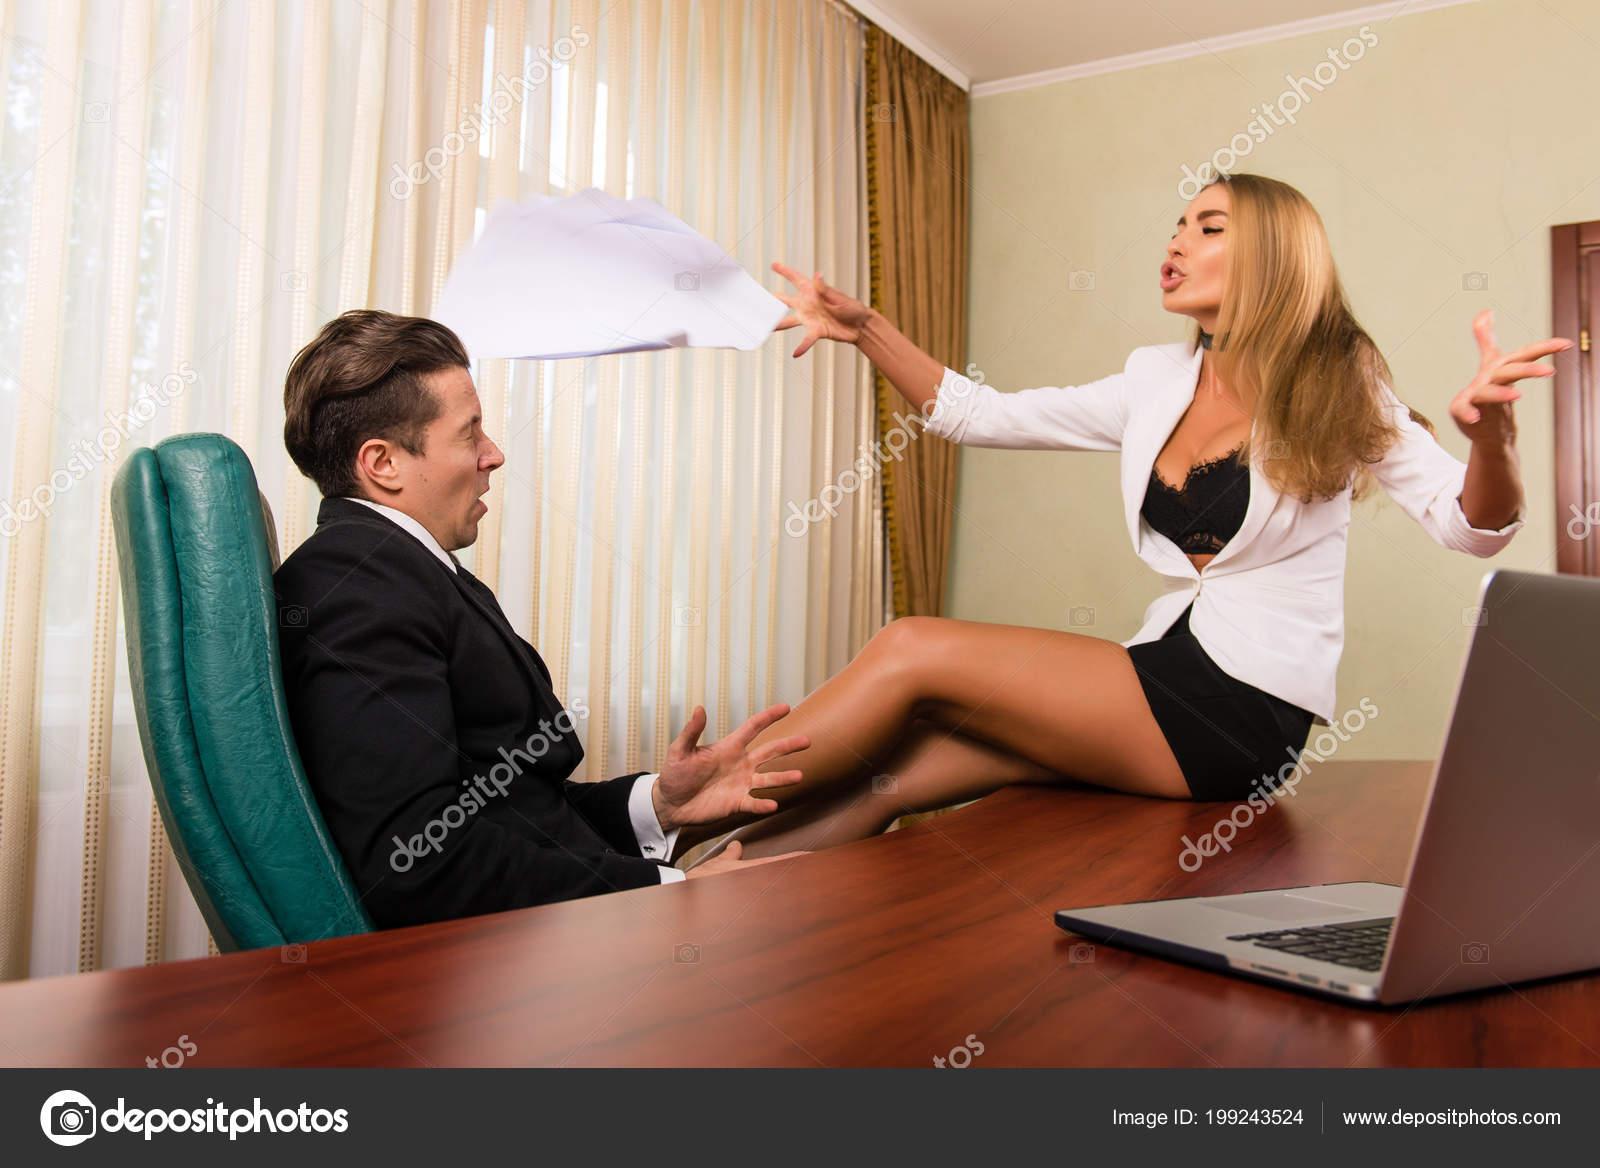 Смотреть трахает женщину босса, Босс. Секс с боссом. Самых популярных роликов 24 фотография